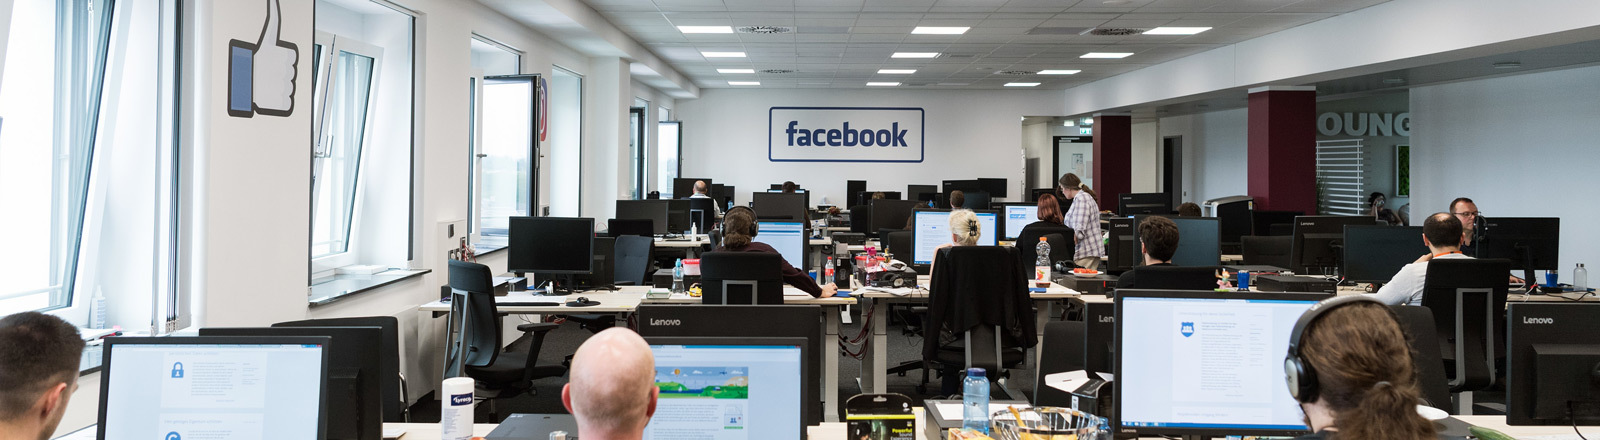 Löschzentrum von Facebook in Berlin.